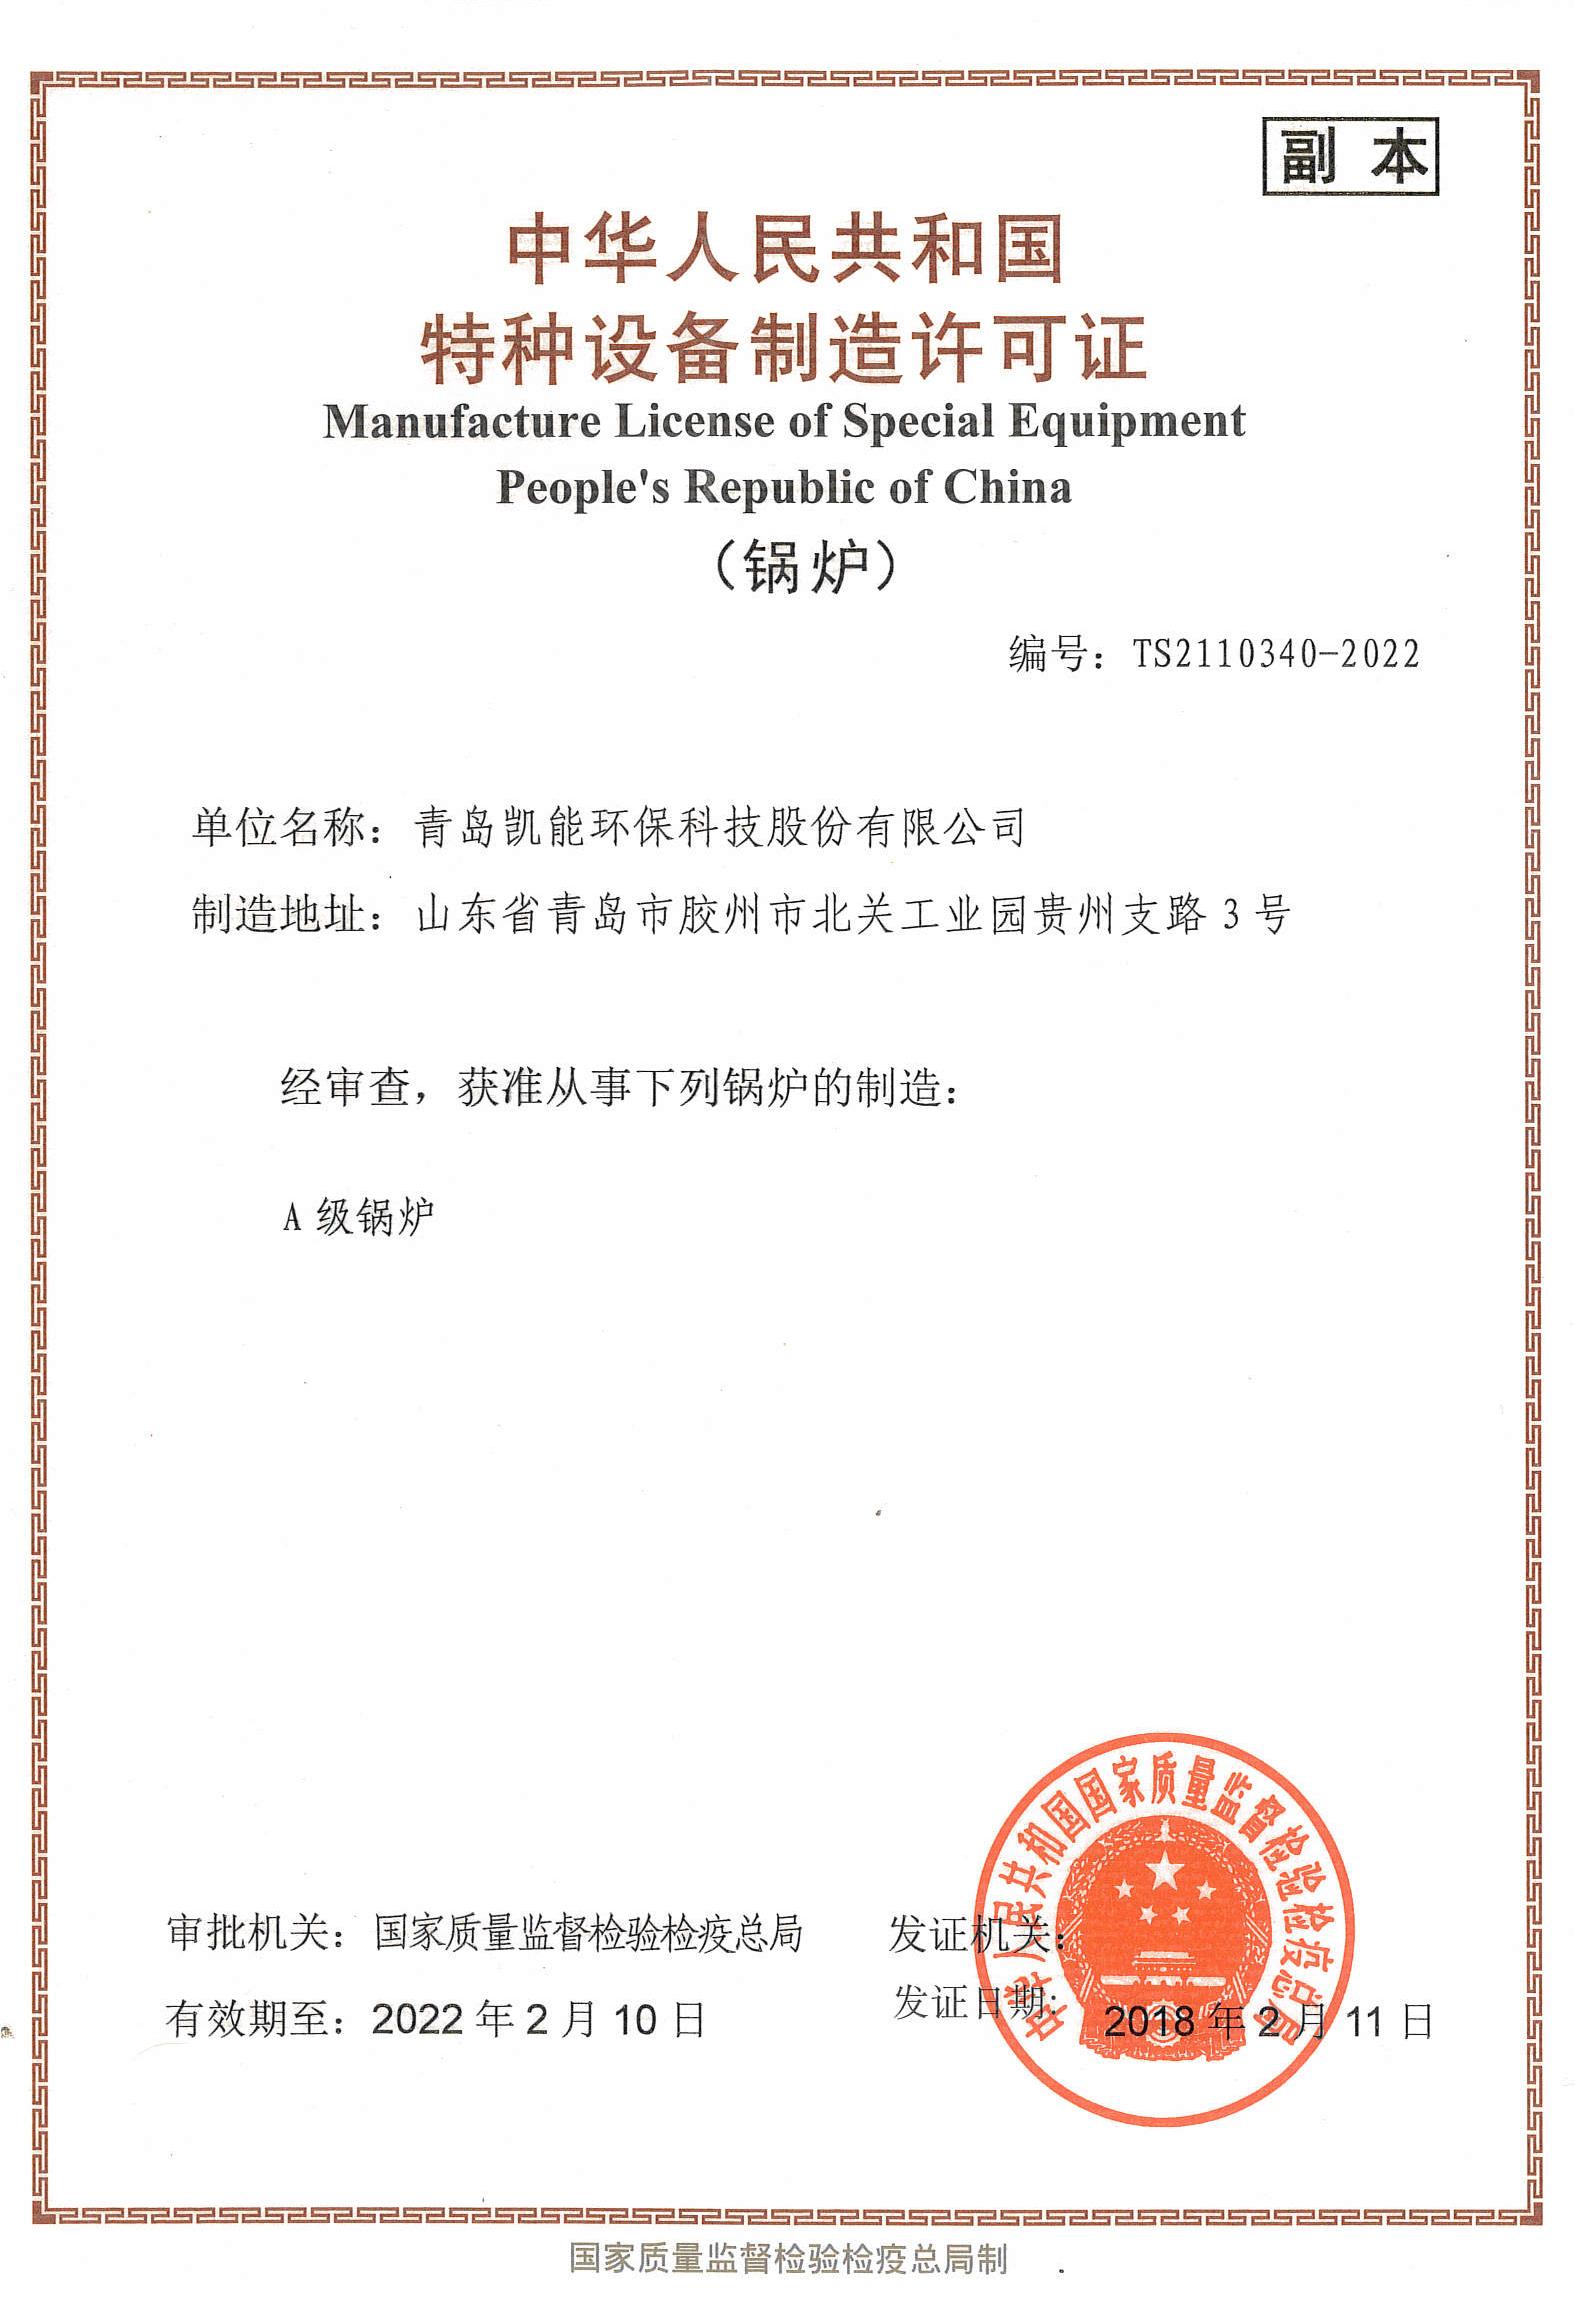 中华人民共和国特种设备制造许可证(A级锅炉)